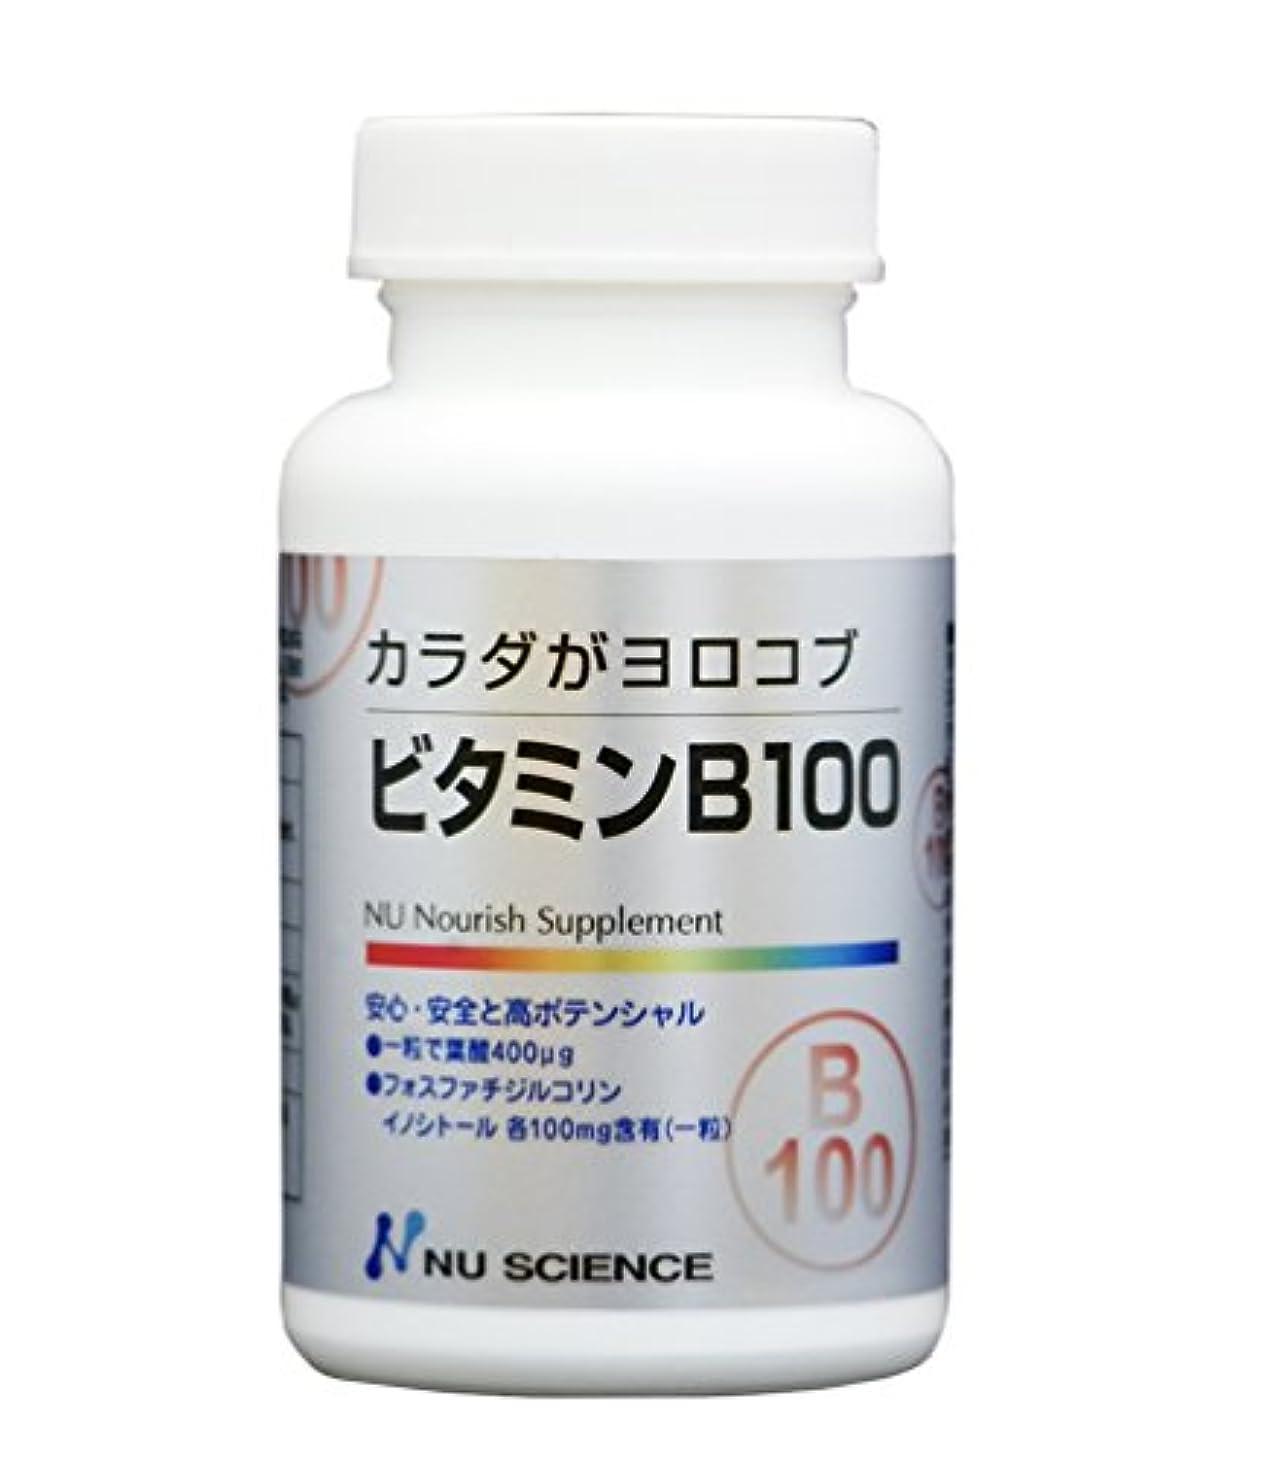 薄いです破裂治療ビタミンB100 60粒